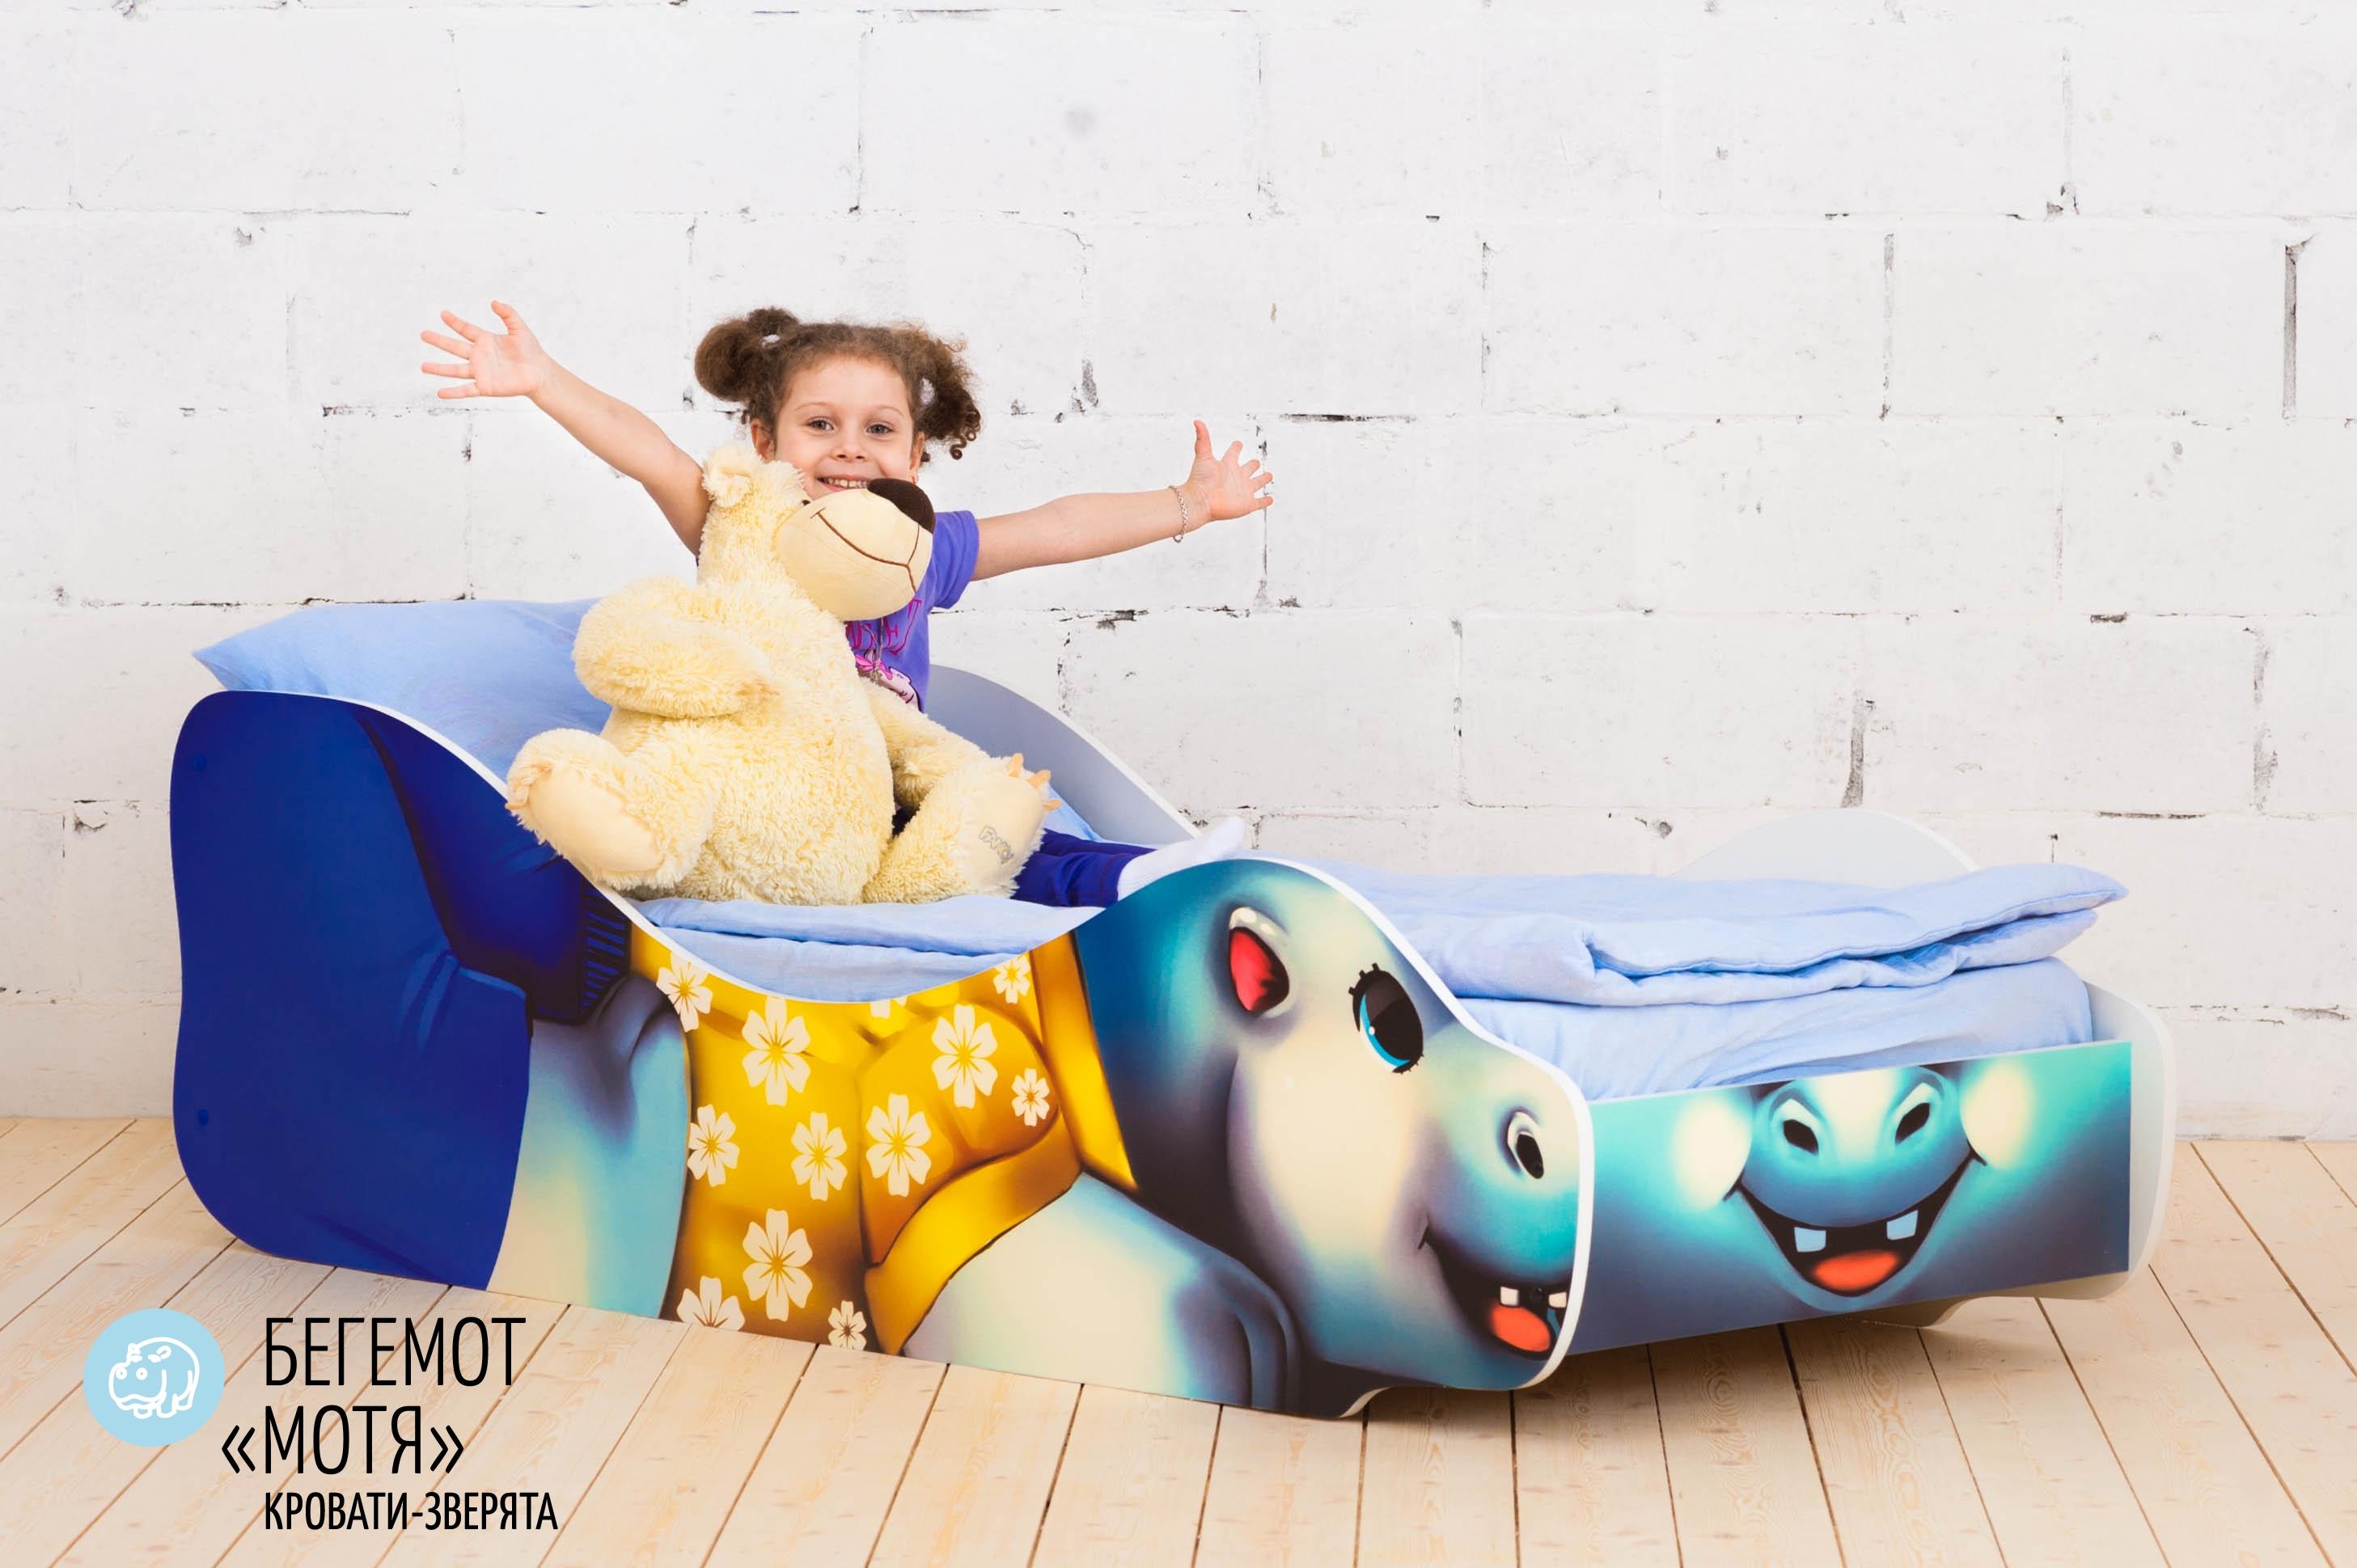 Детская кровать-зверенок -Бегемот-Мотя-12